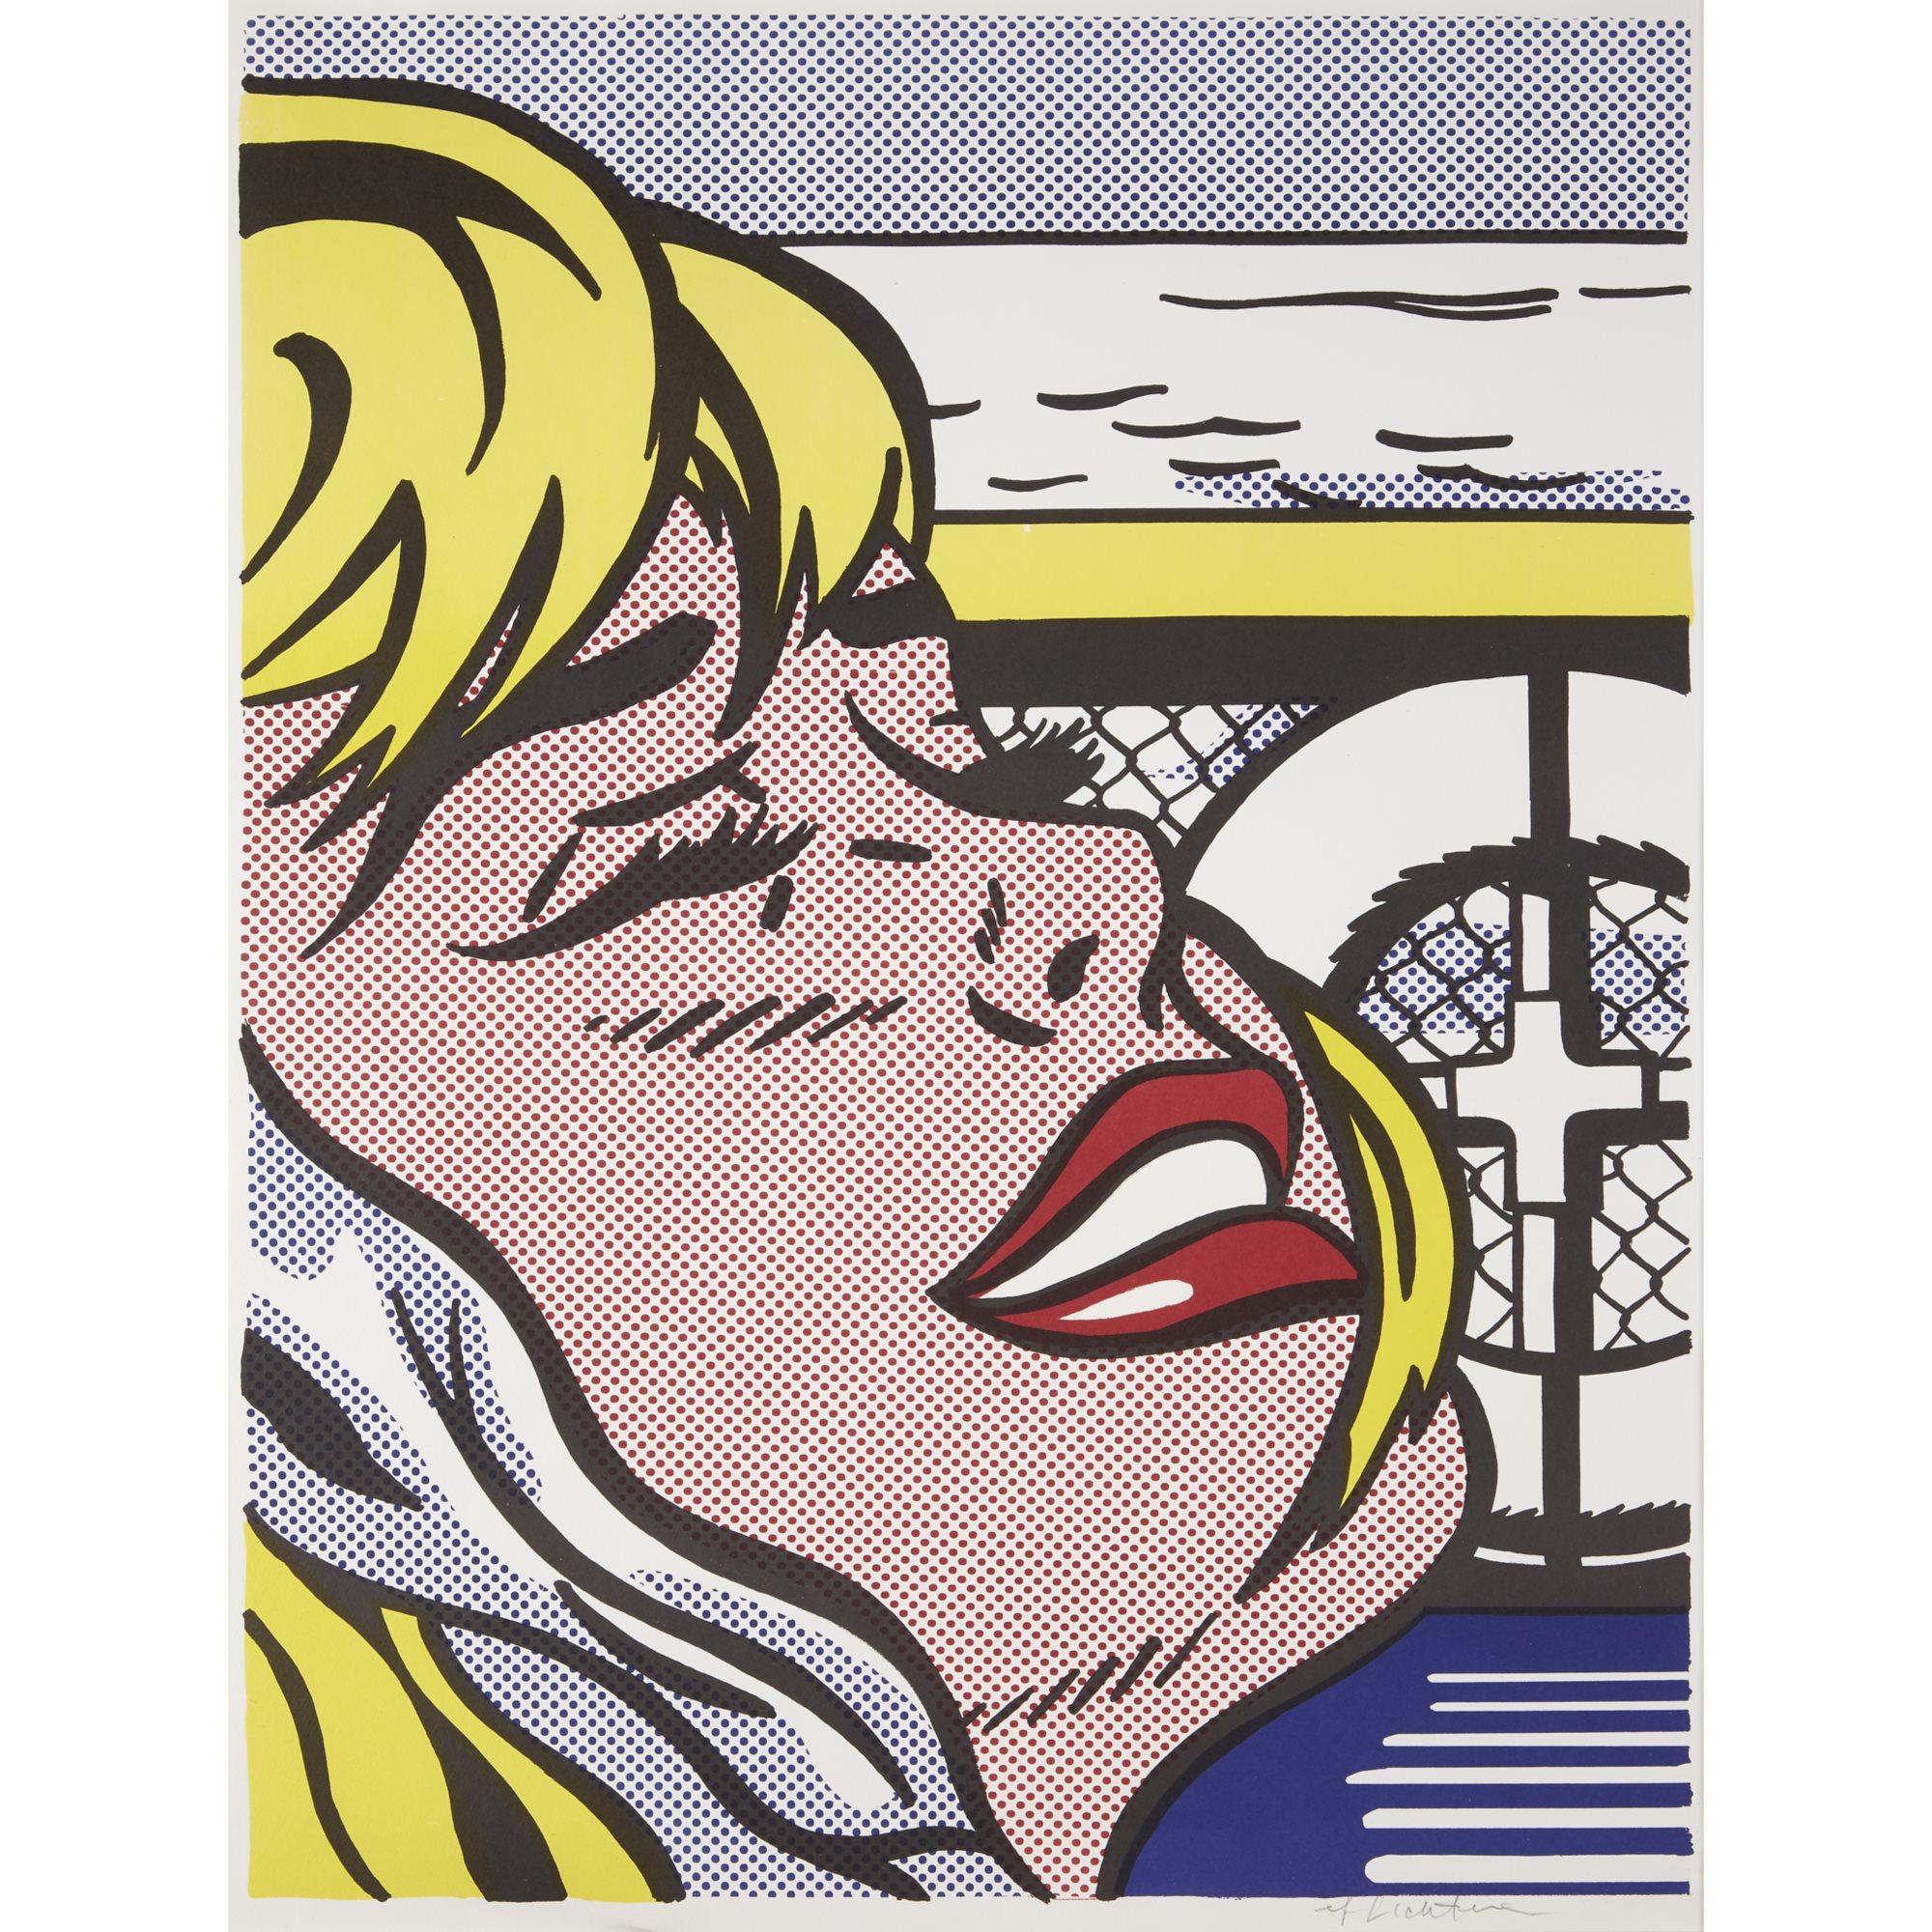 Lot 32 | Roy Lichtenstein (1923-1997), Shipboard Girl, 1965, color lithograph, $30,000-50,000, ©Estate of Roy Lichtenstein